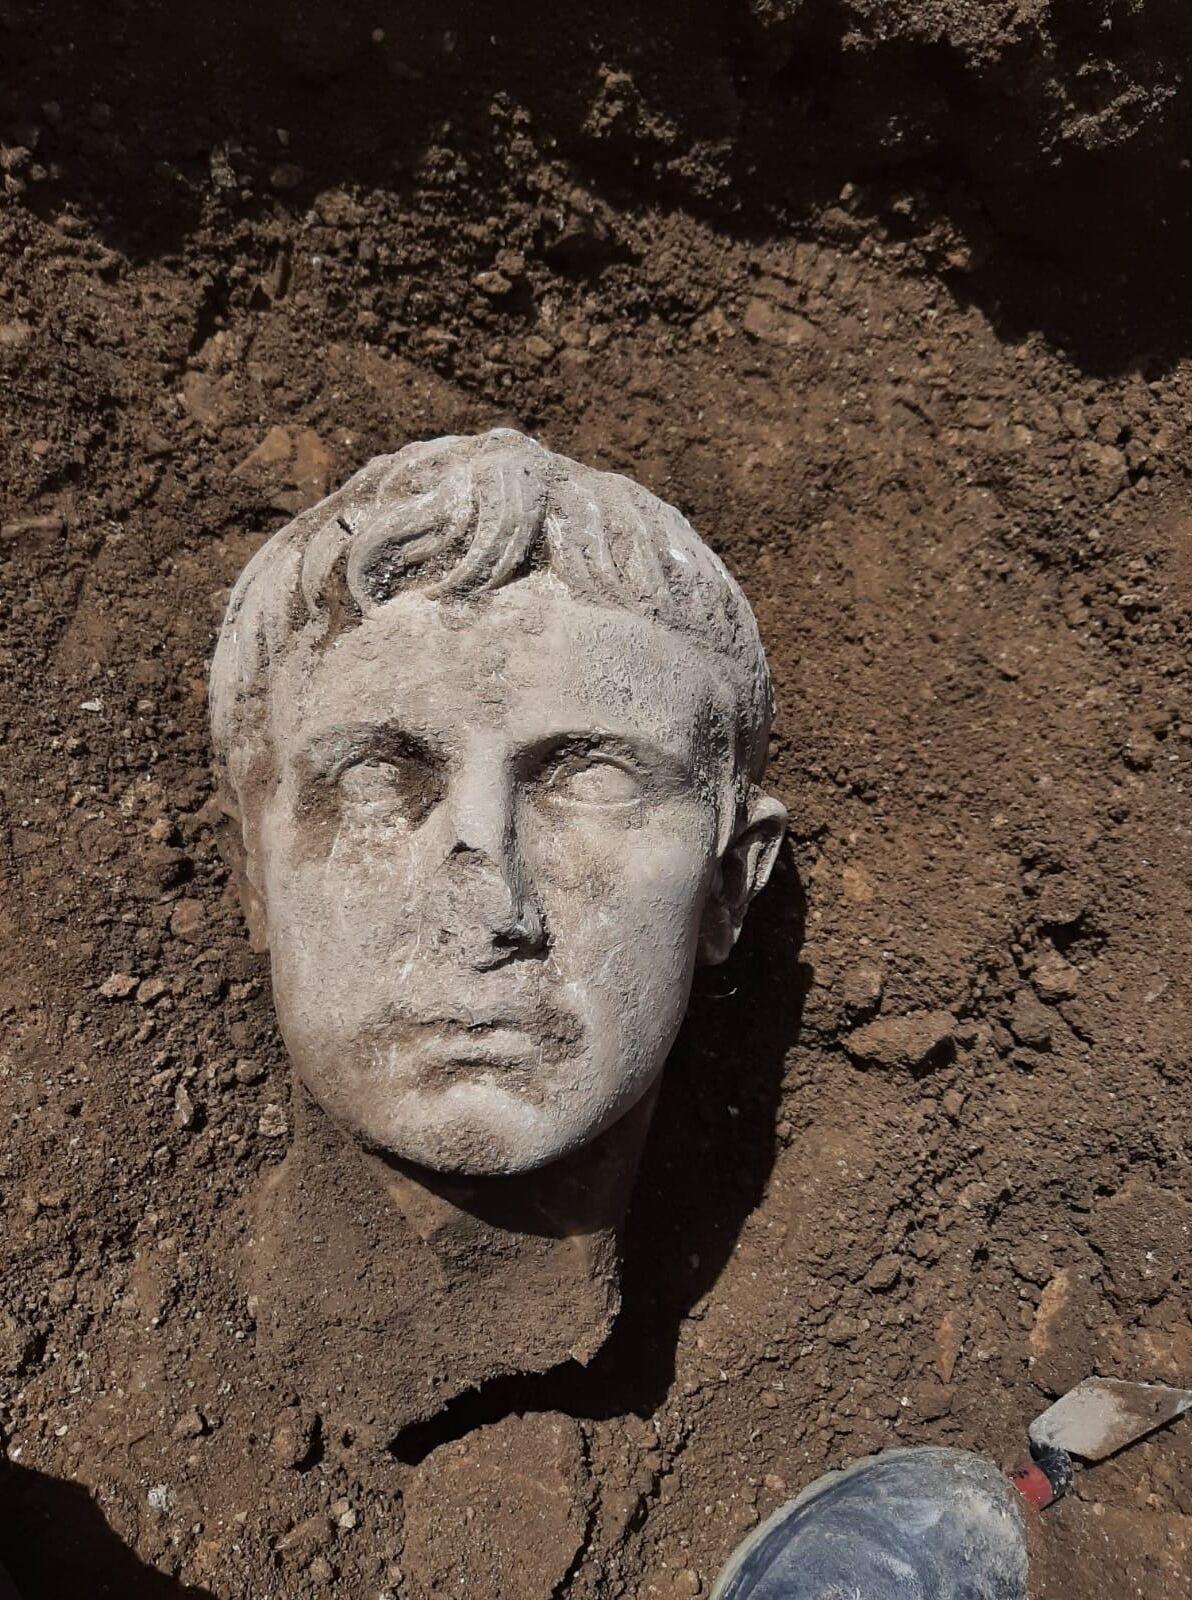 A peça foi esculpida no mesmo em mármore Lunigiana, que popularmente é conhecido como mármore de Carrara